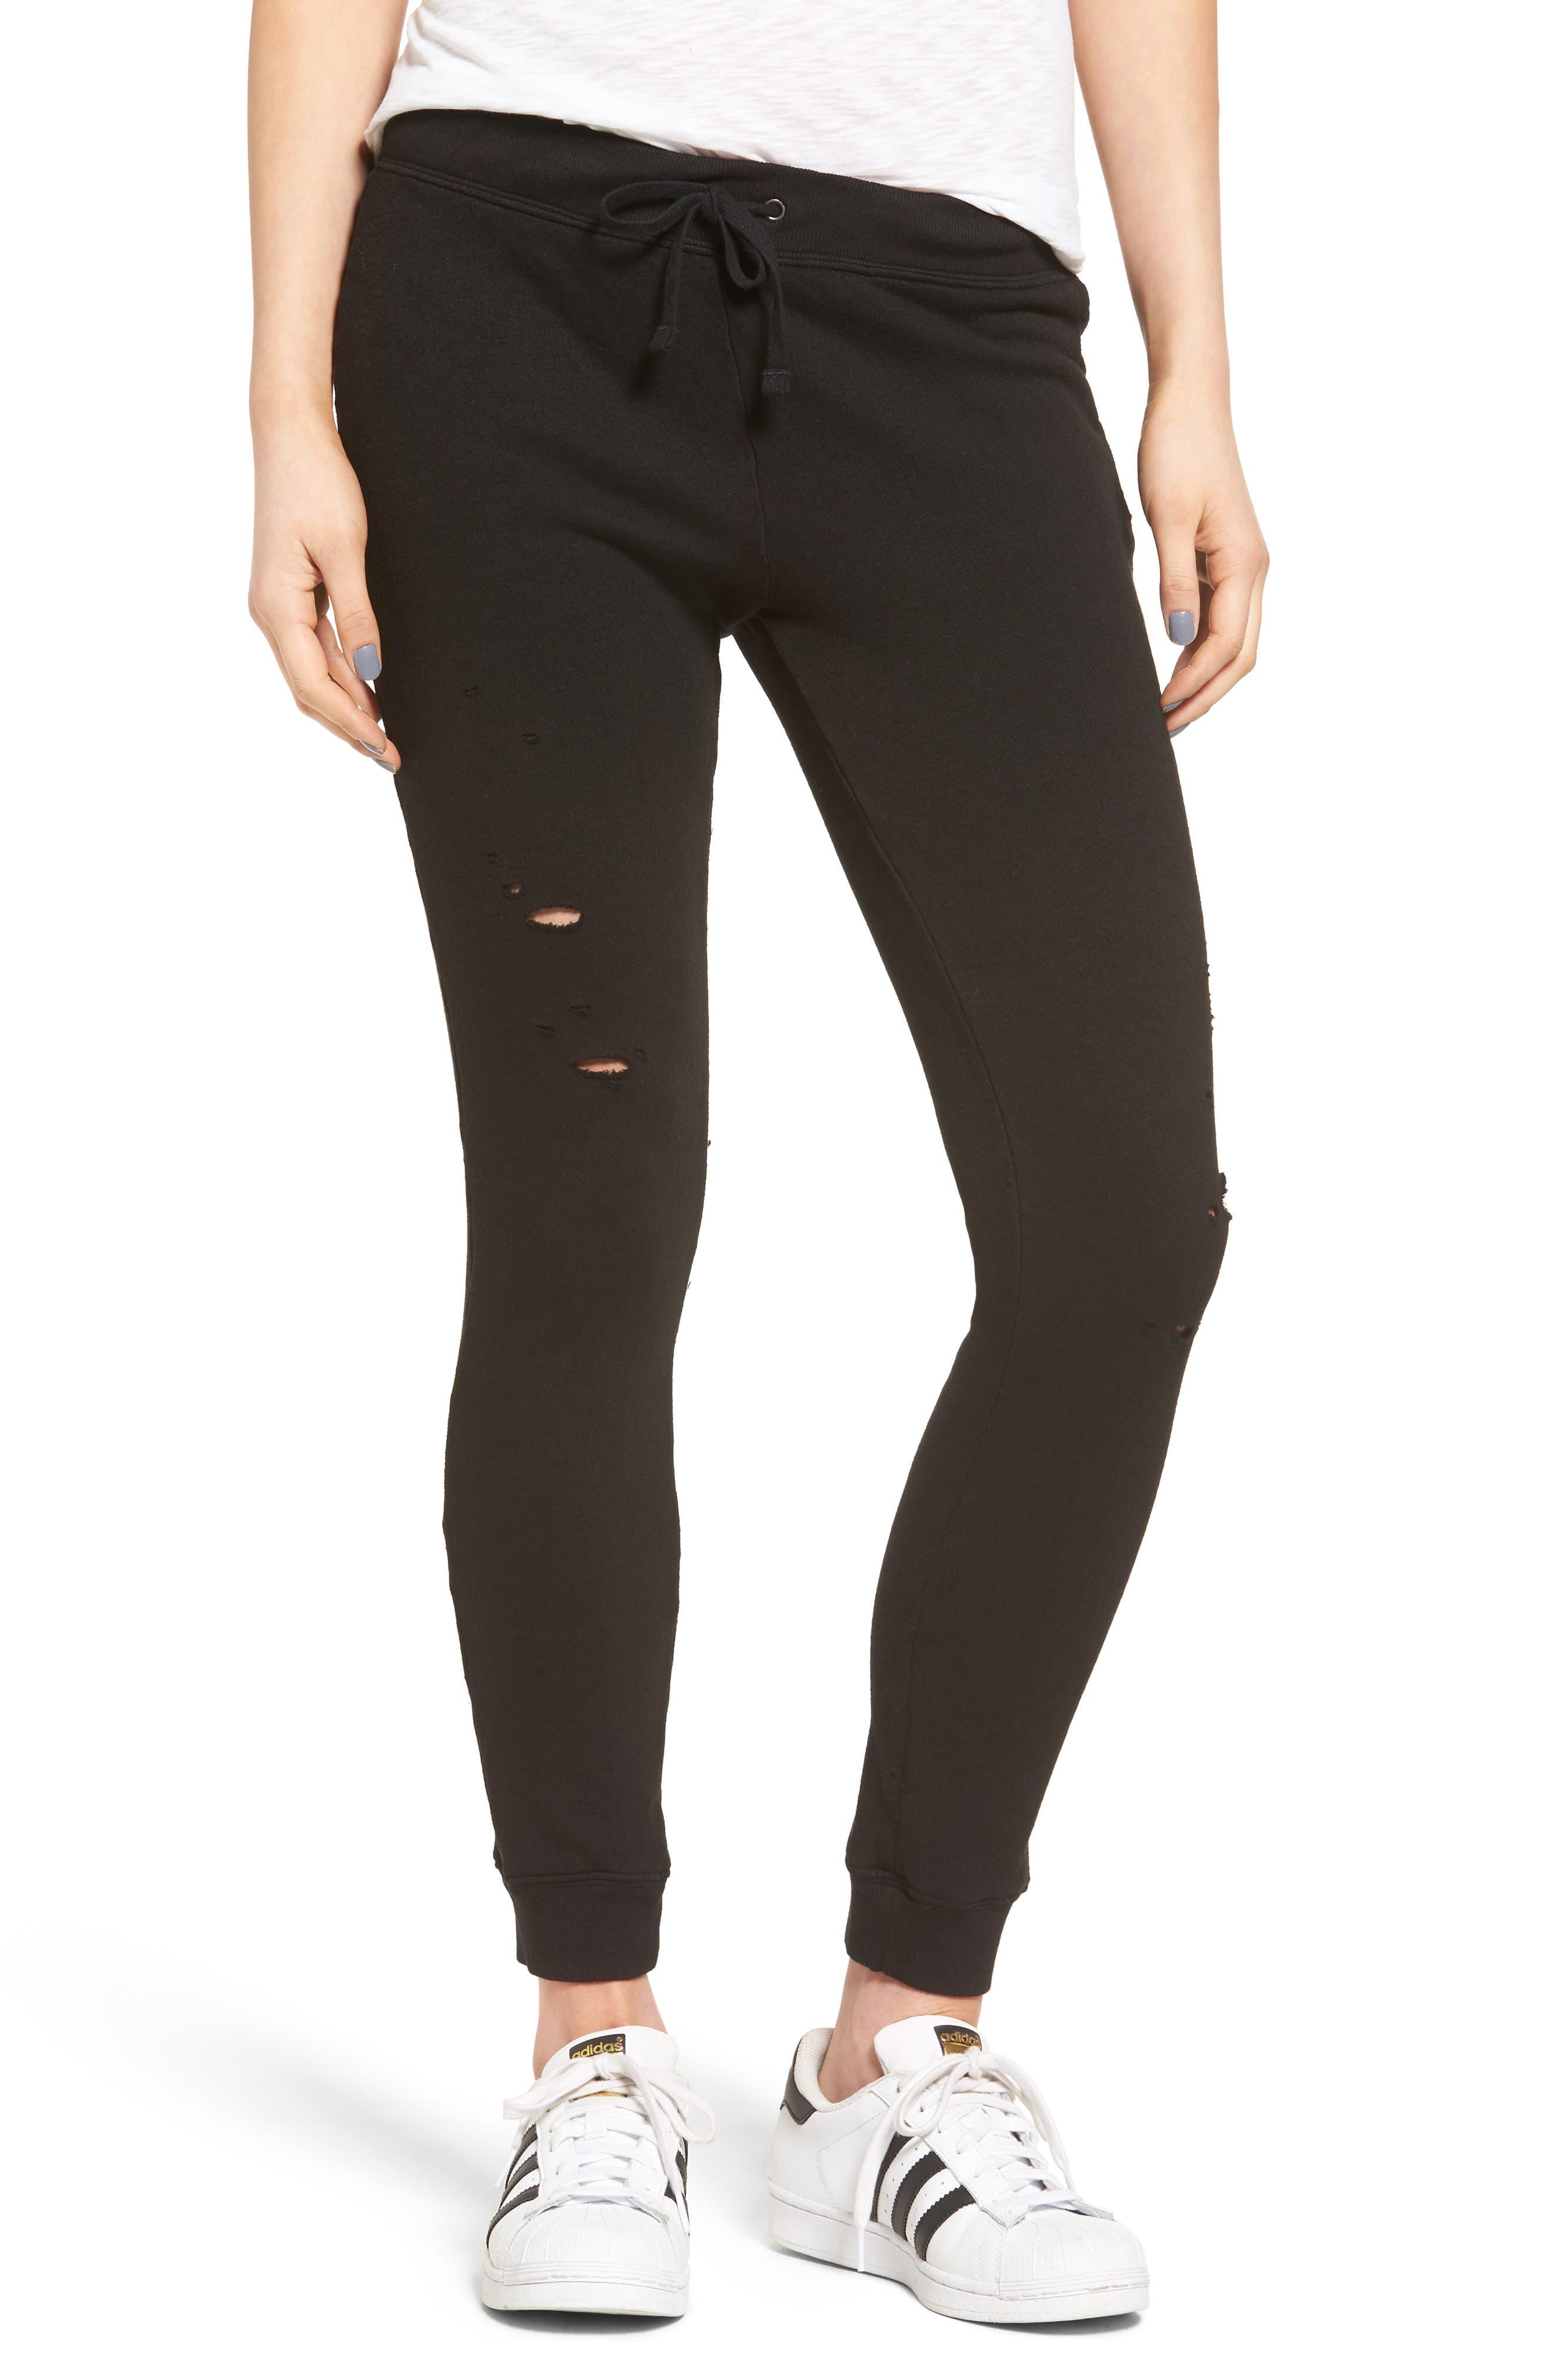 Betsee Distressed Jogger Pants,                         Main,                         color, Black